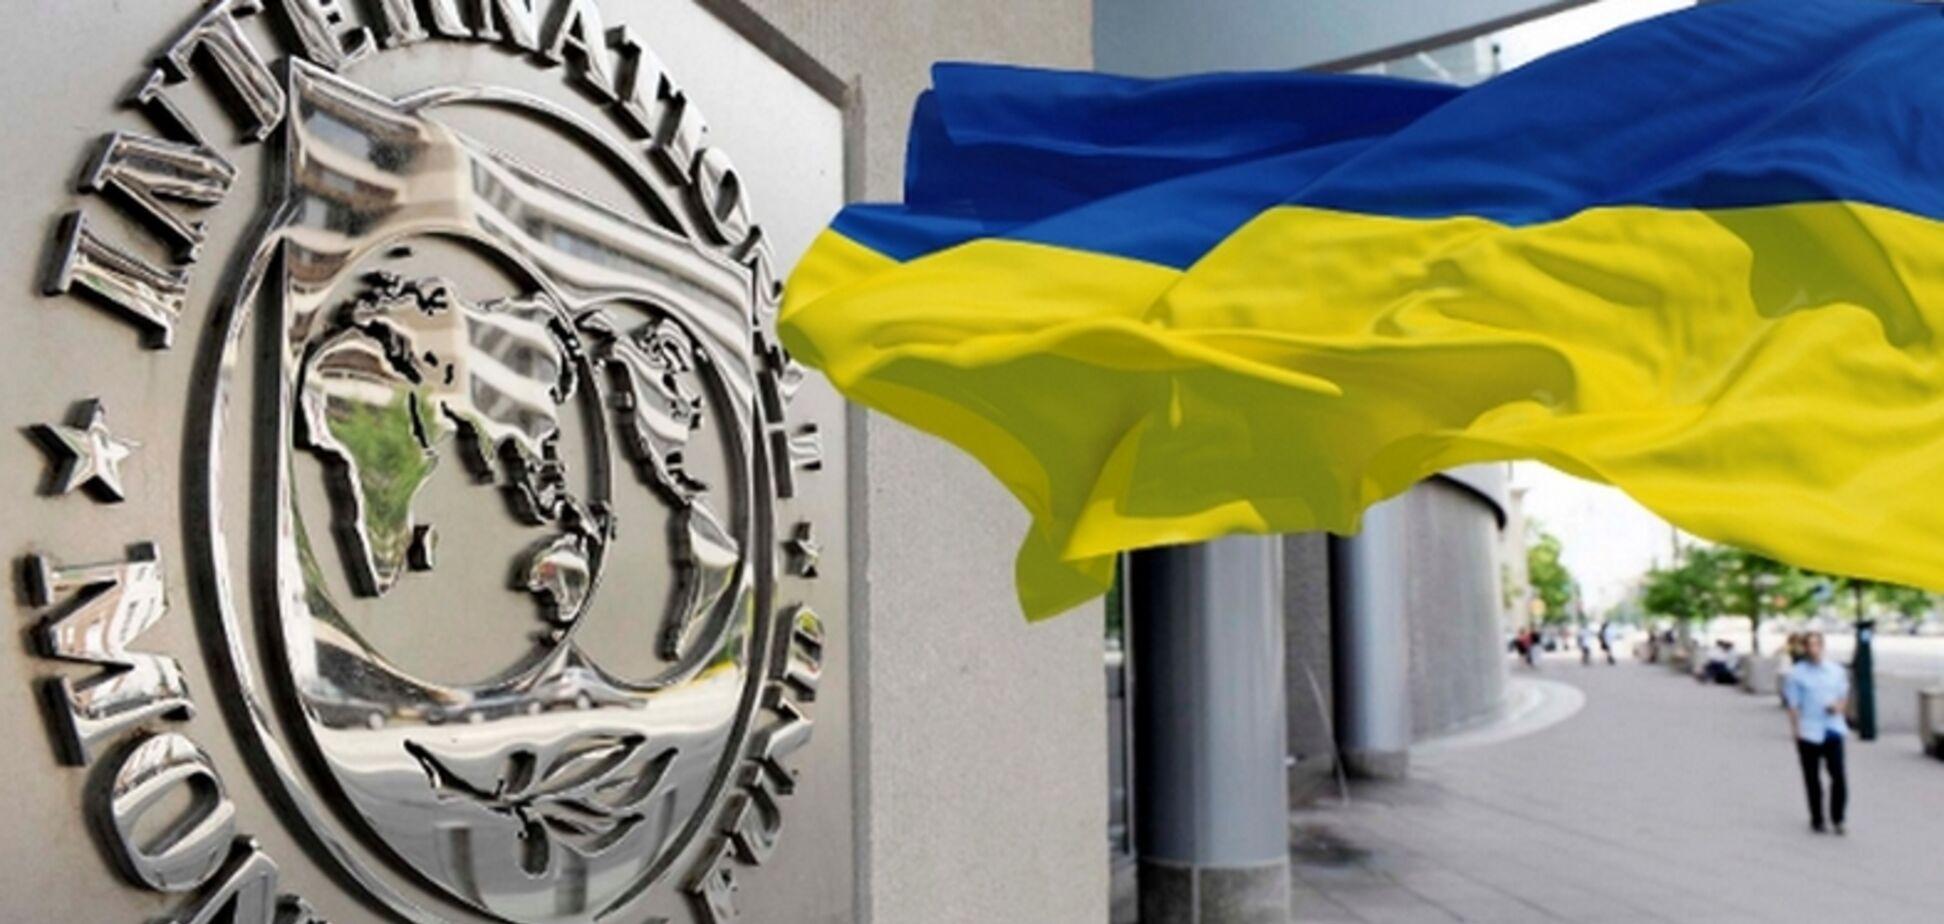 Дежавю. Кто и зачем снова пугает Украину 'внешним управлением'